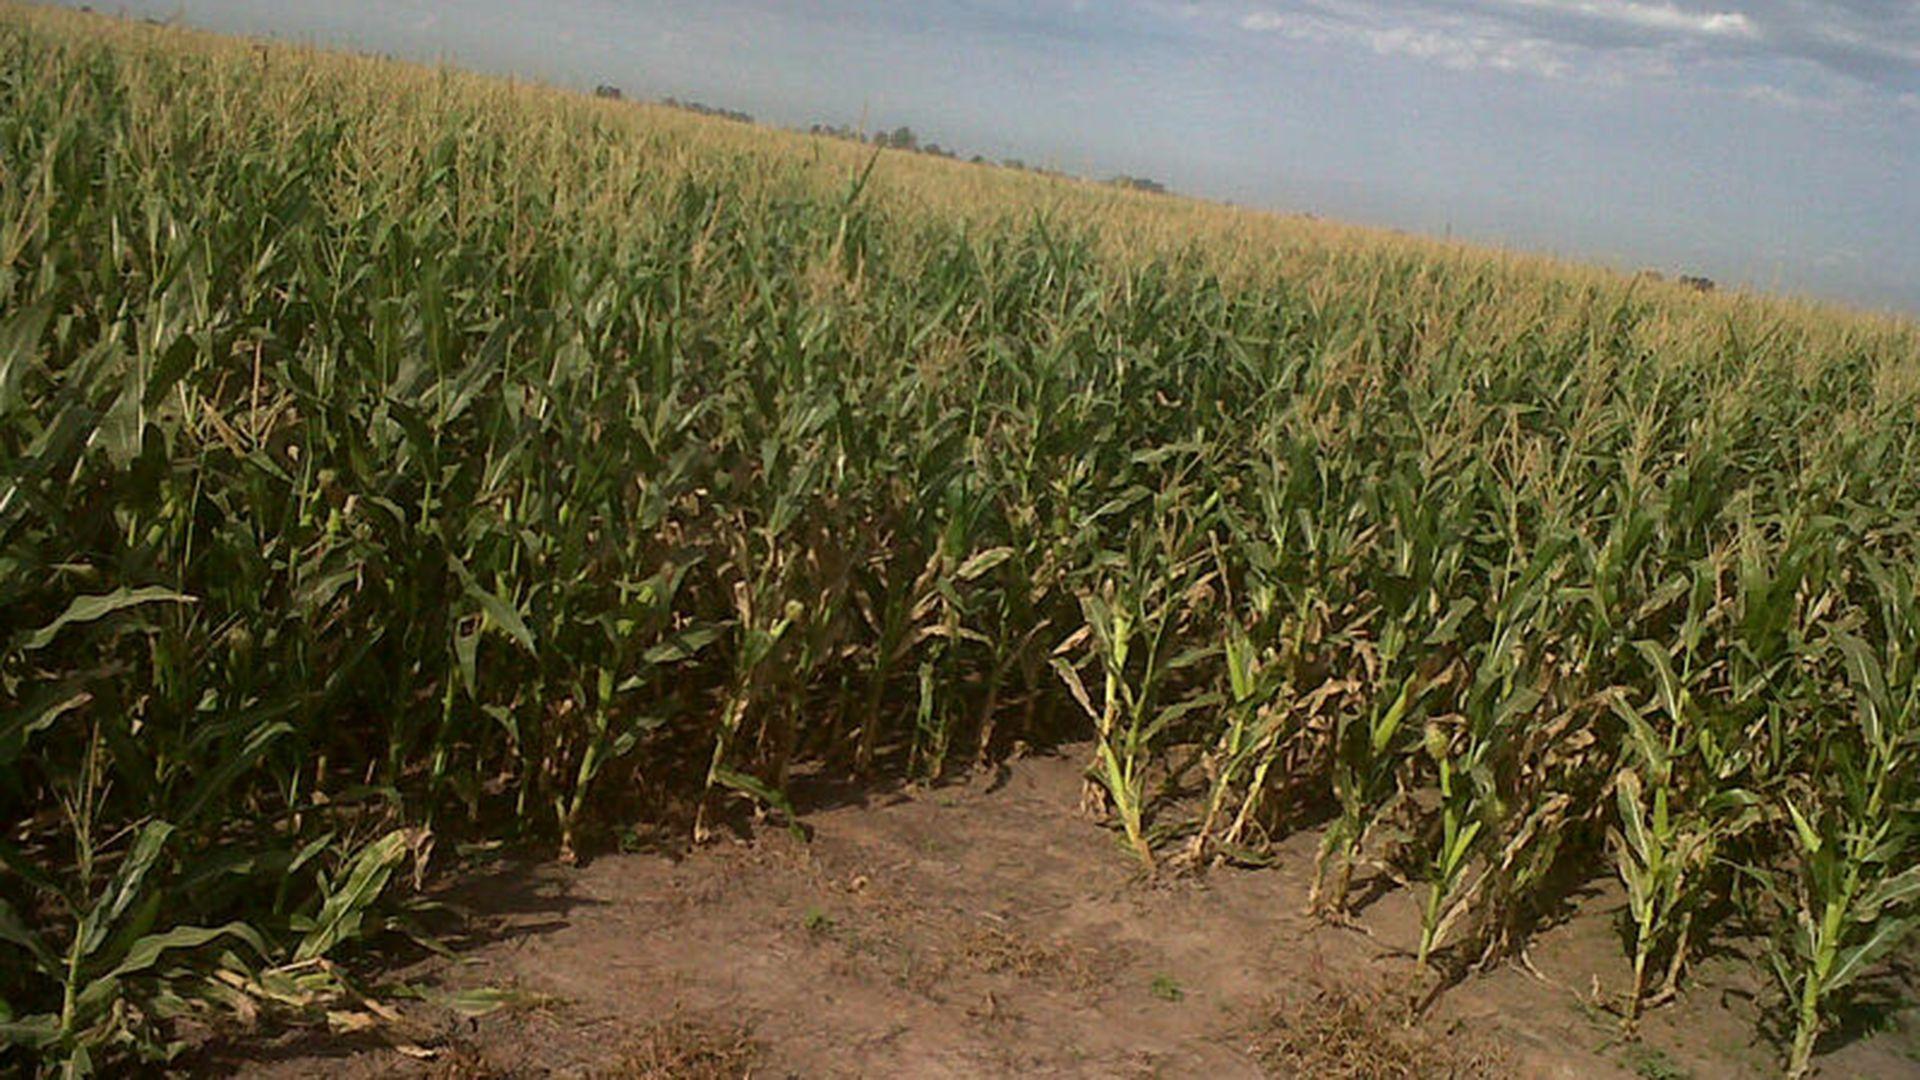 Las últimas precipitaciones también fueron importantes para el maíz